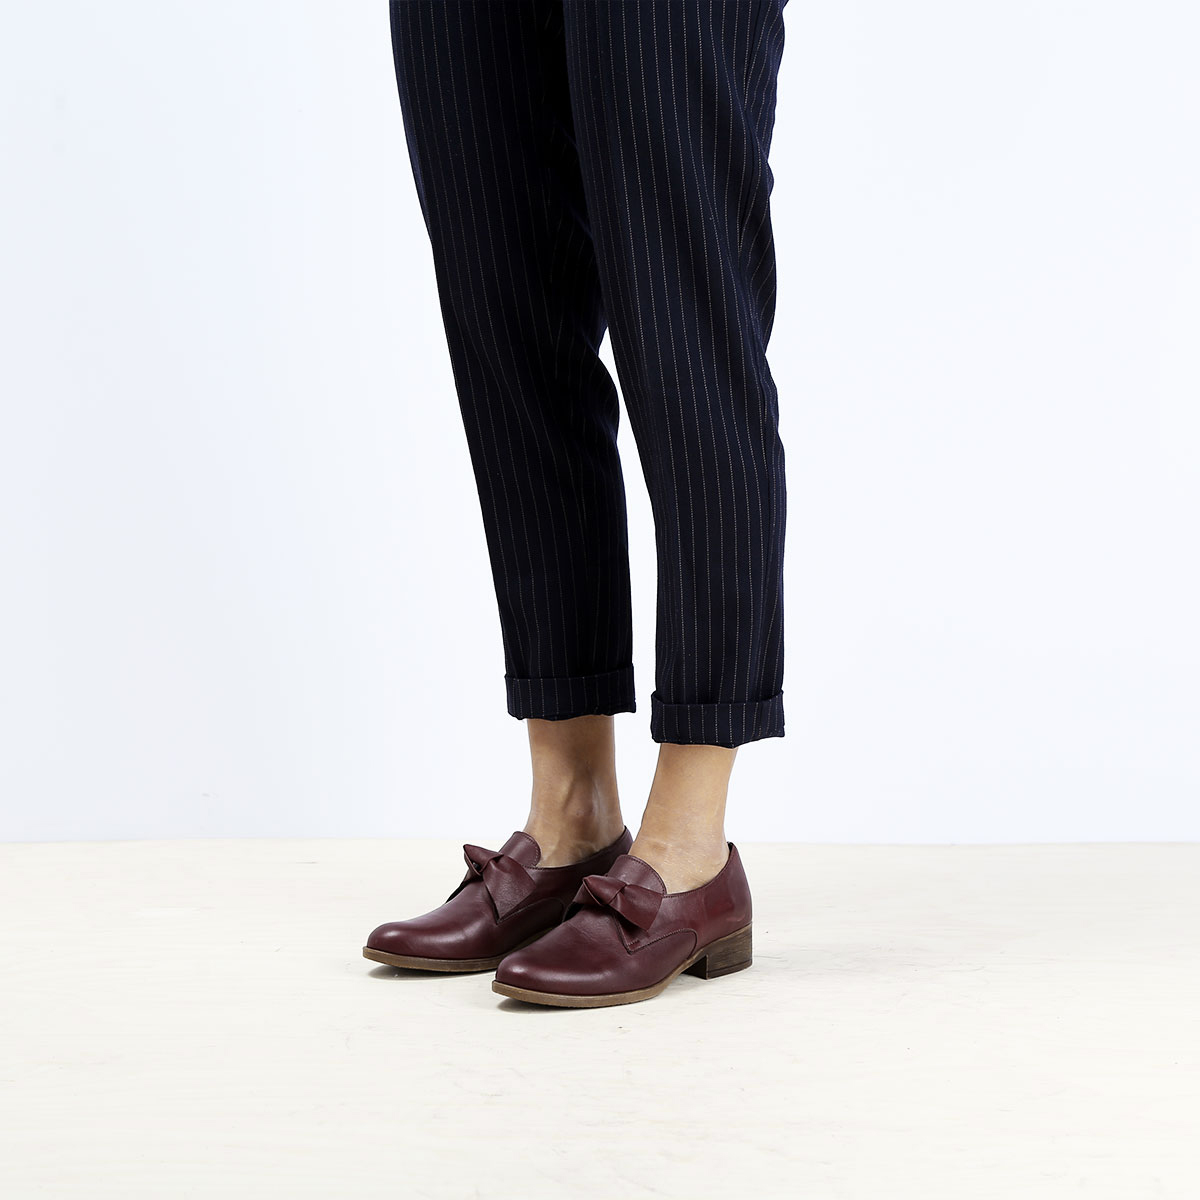 בלעדי לאתר - דגם קרלי: נעלי אוקספורד לנשים